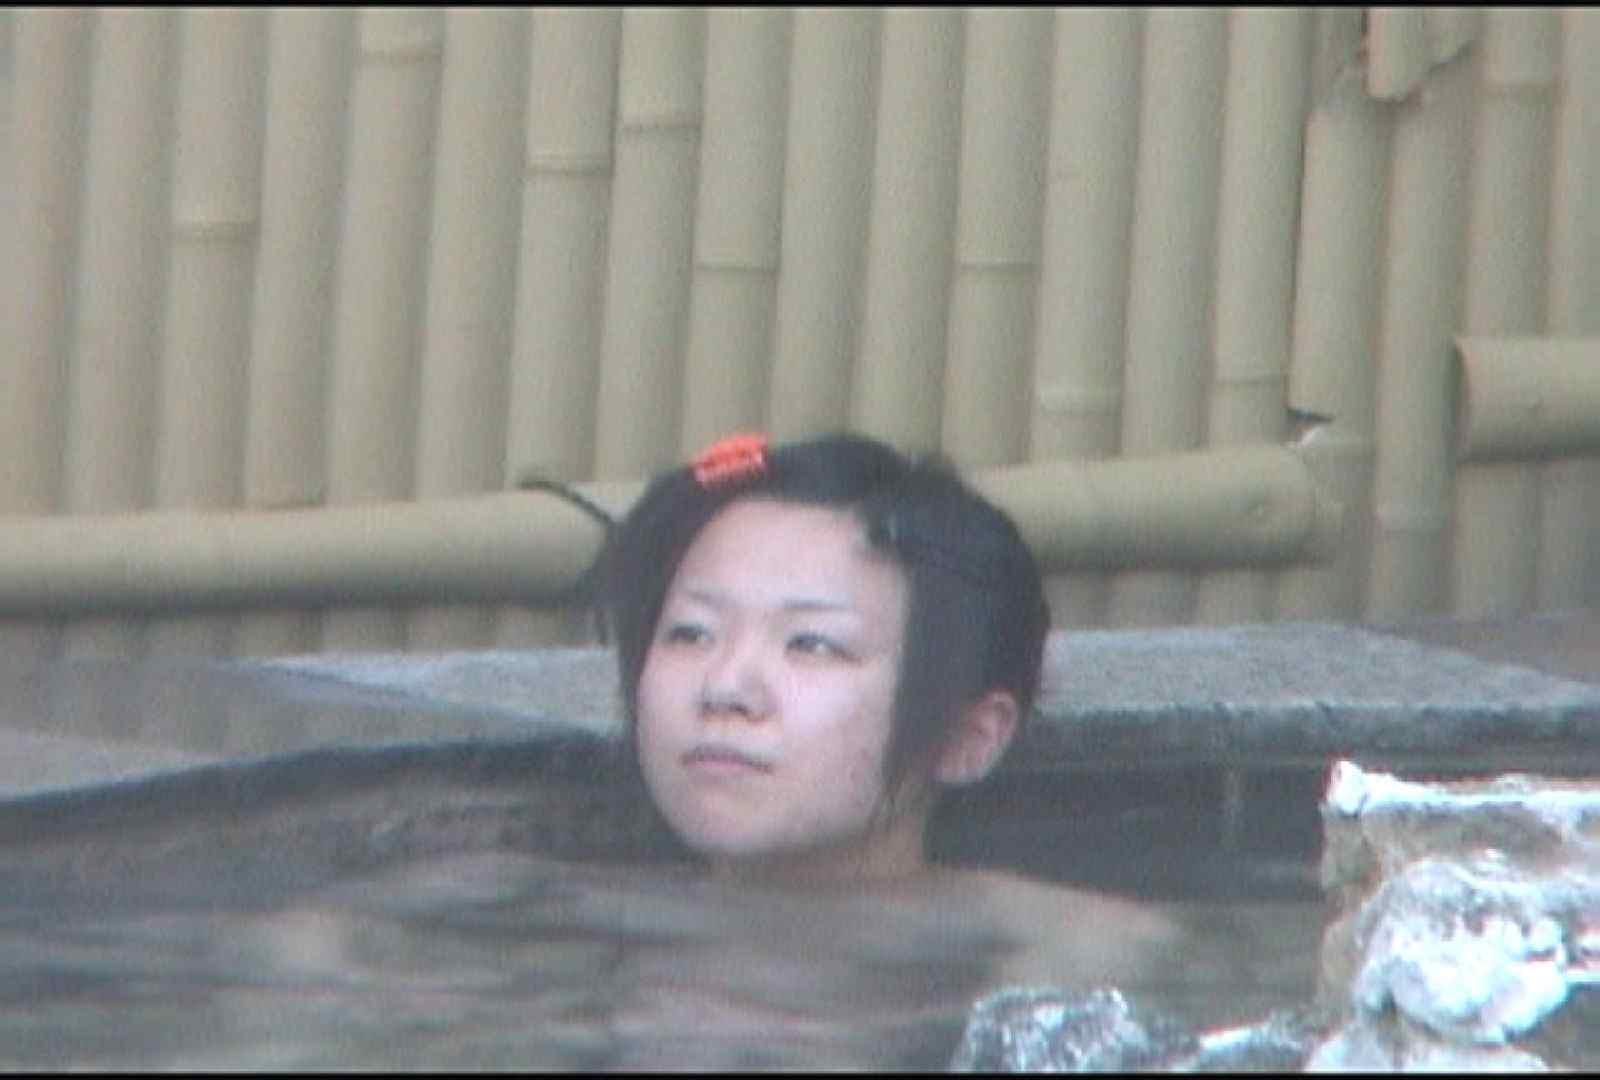 Aquaな露天風呂Vol.175 0  51pic 32